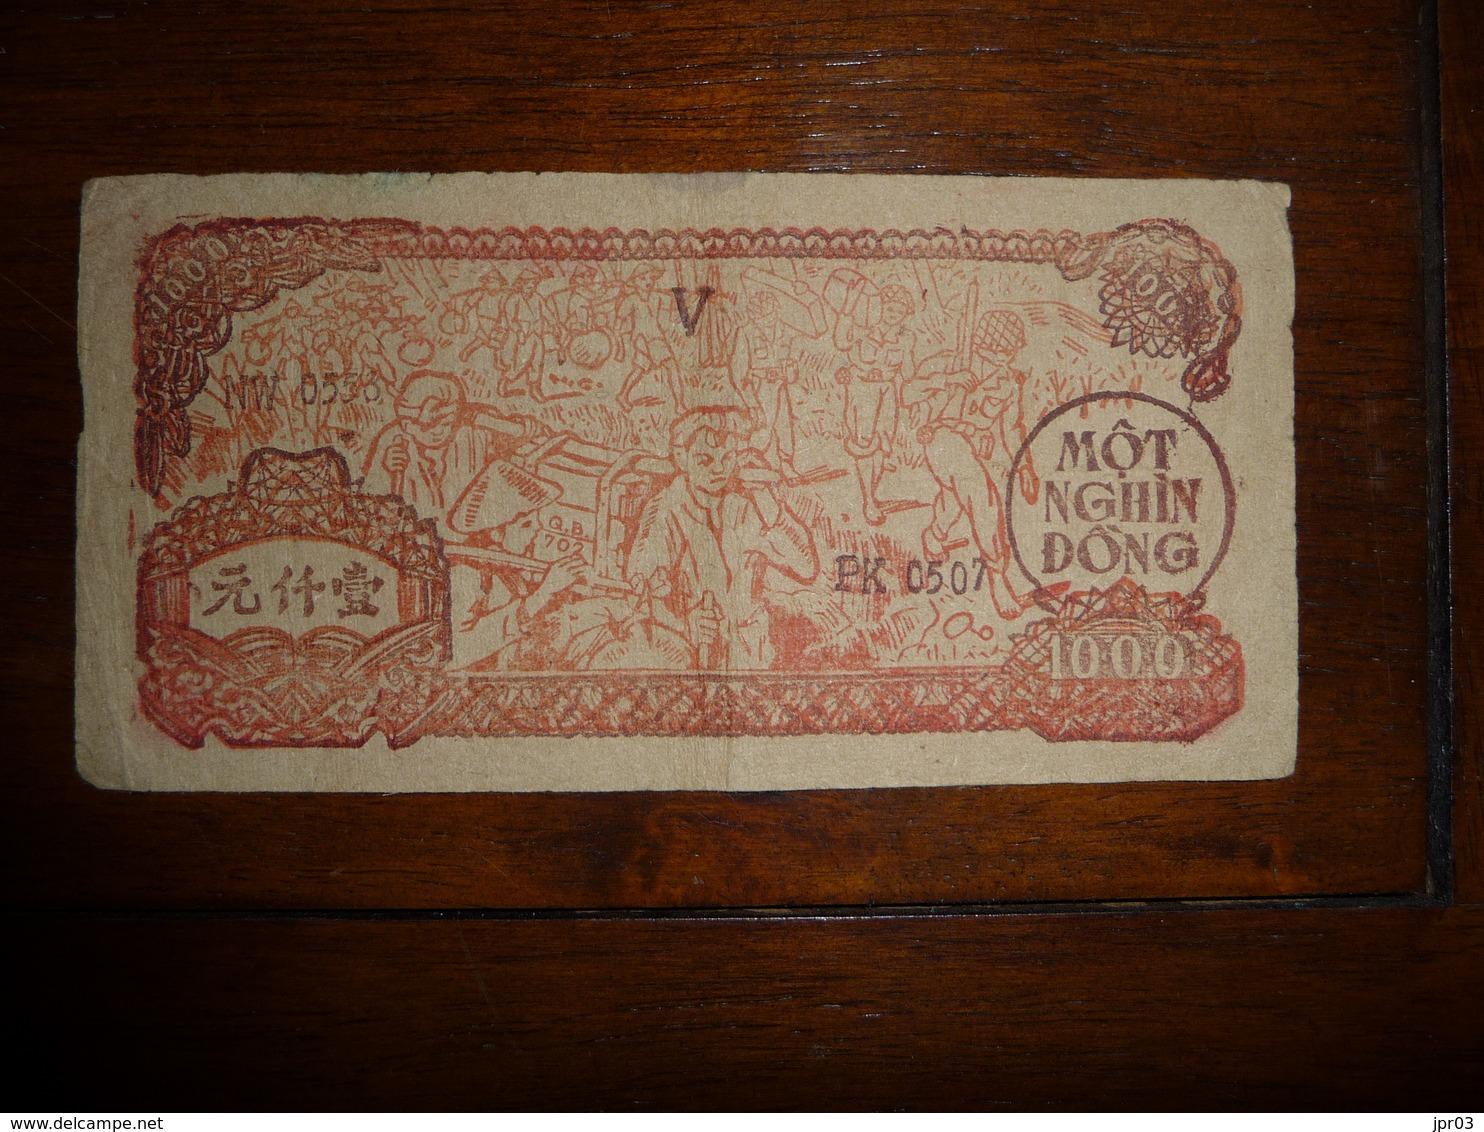 NORTH VIET NAM  * TIN PHIEU 1000  DONG  1951 - Viêt-Nam